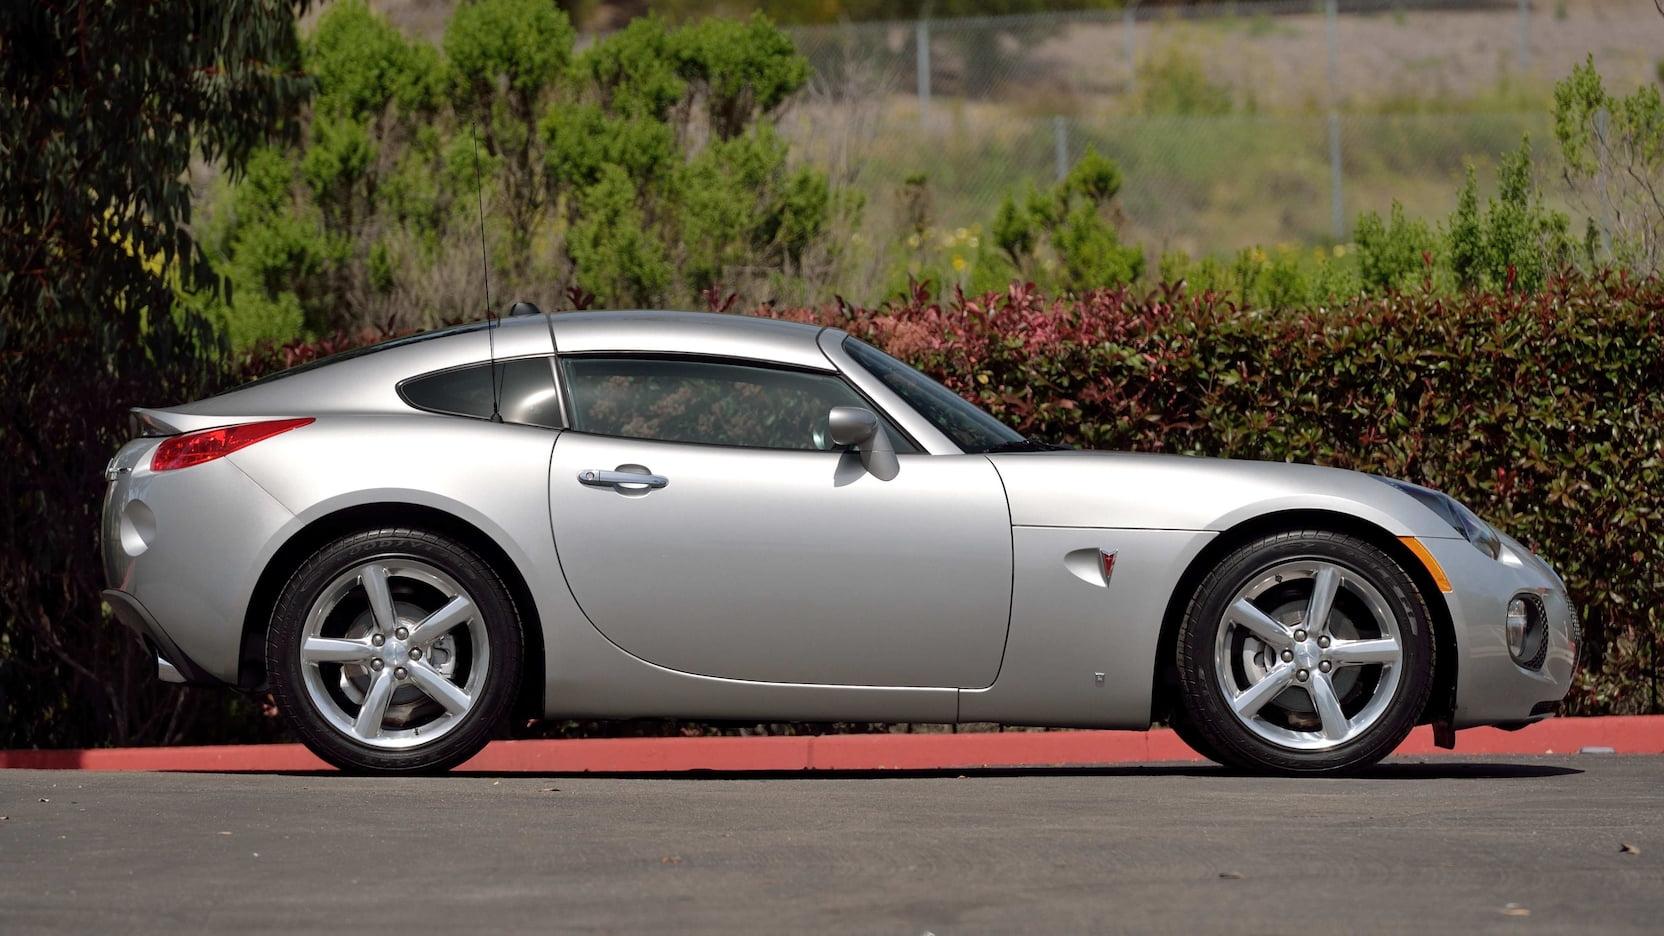 2009 Pontiac Solstice GXP Coupe - passenger side profile